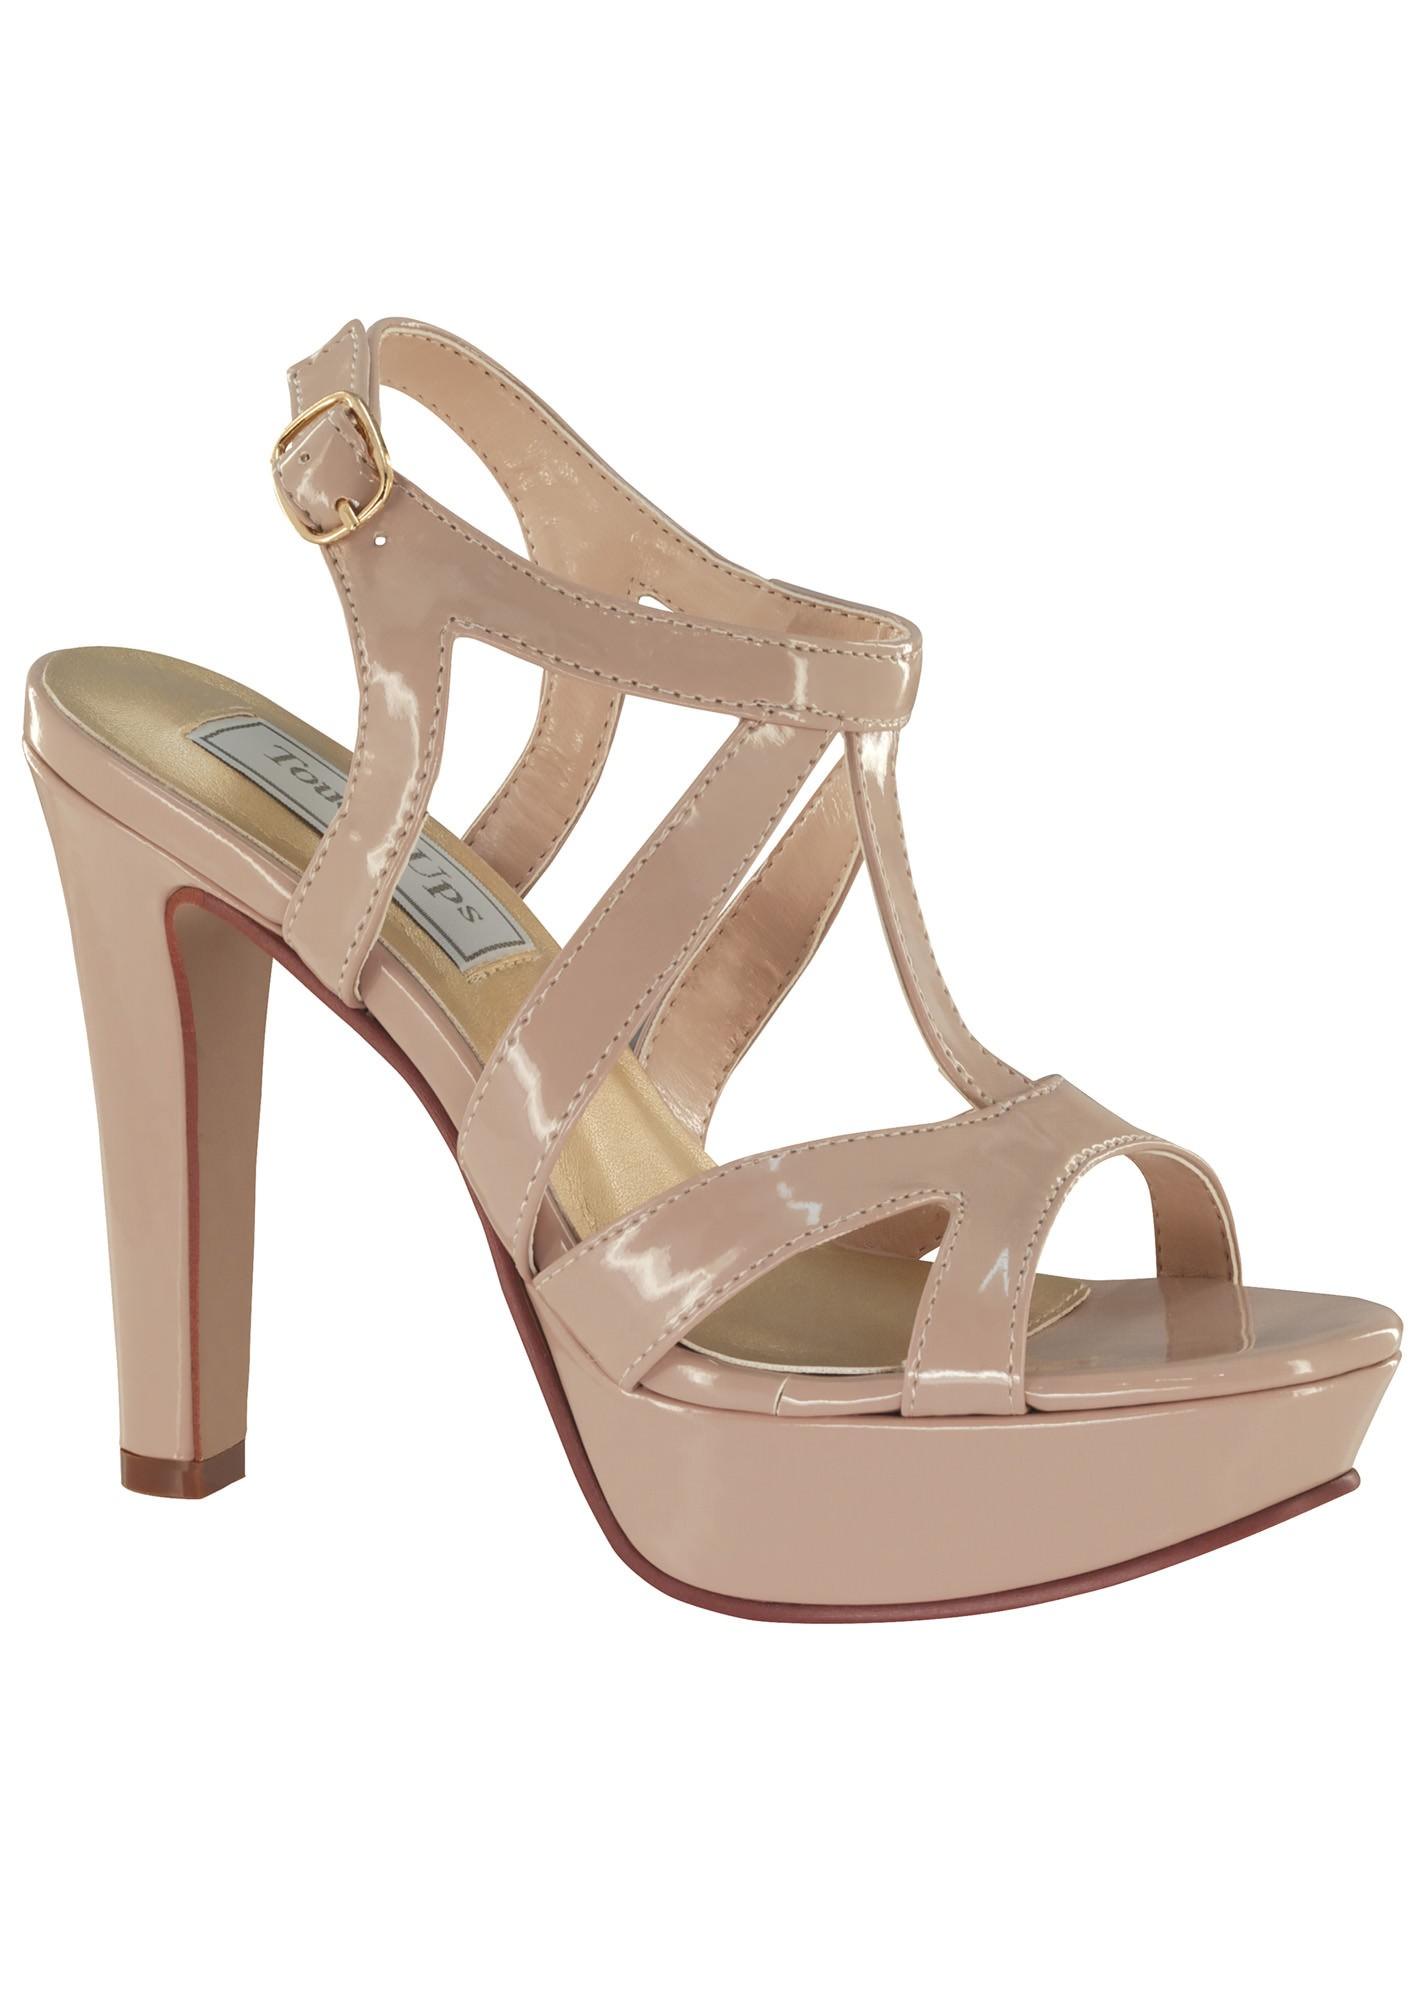 Queenie by Touch Ups Platform Sandal